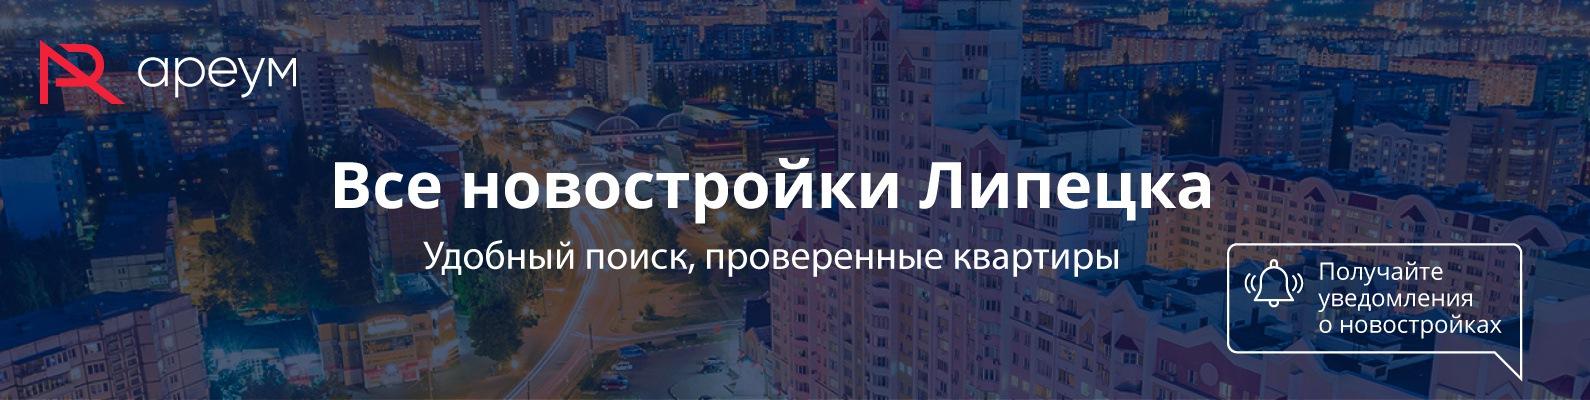 Ремонт квартиры с нуля в новостройке тверь